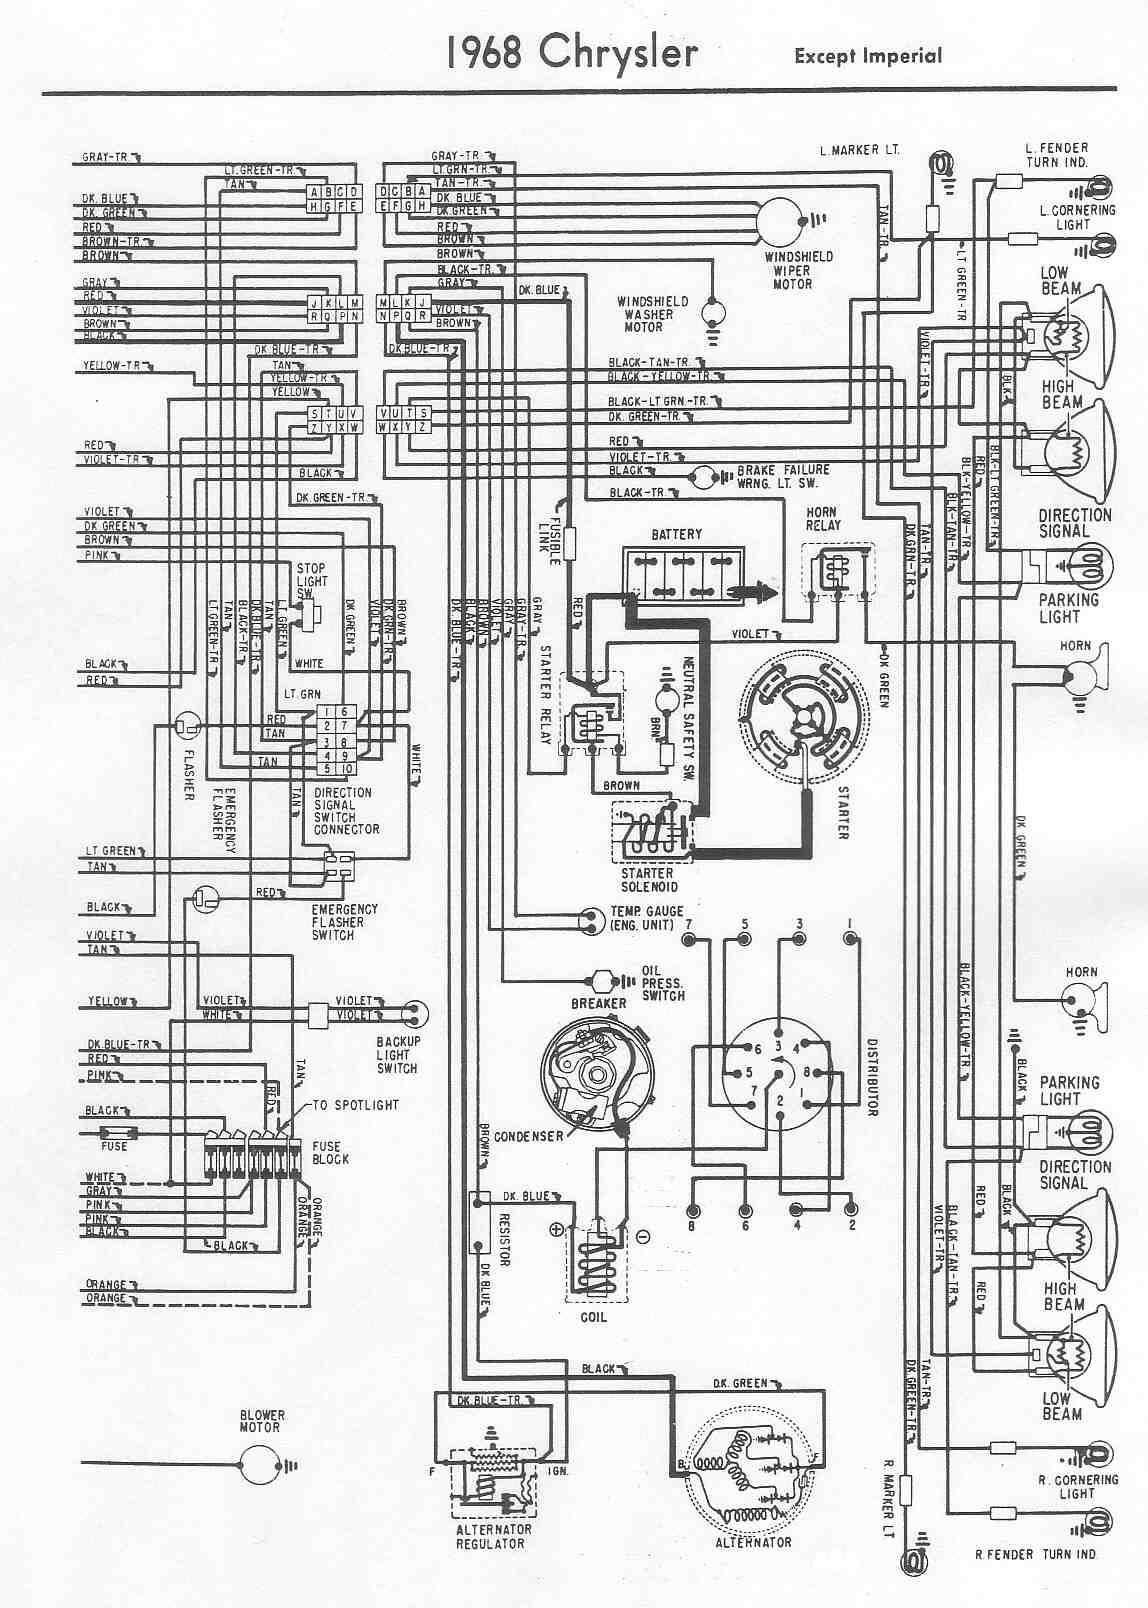 medium resolution of wiring diagram for 1966 plymouth valiant wiring diagram 1964 plymouth valiant 1965 plymouth barracuda wiring diagram